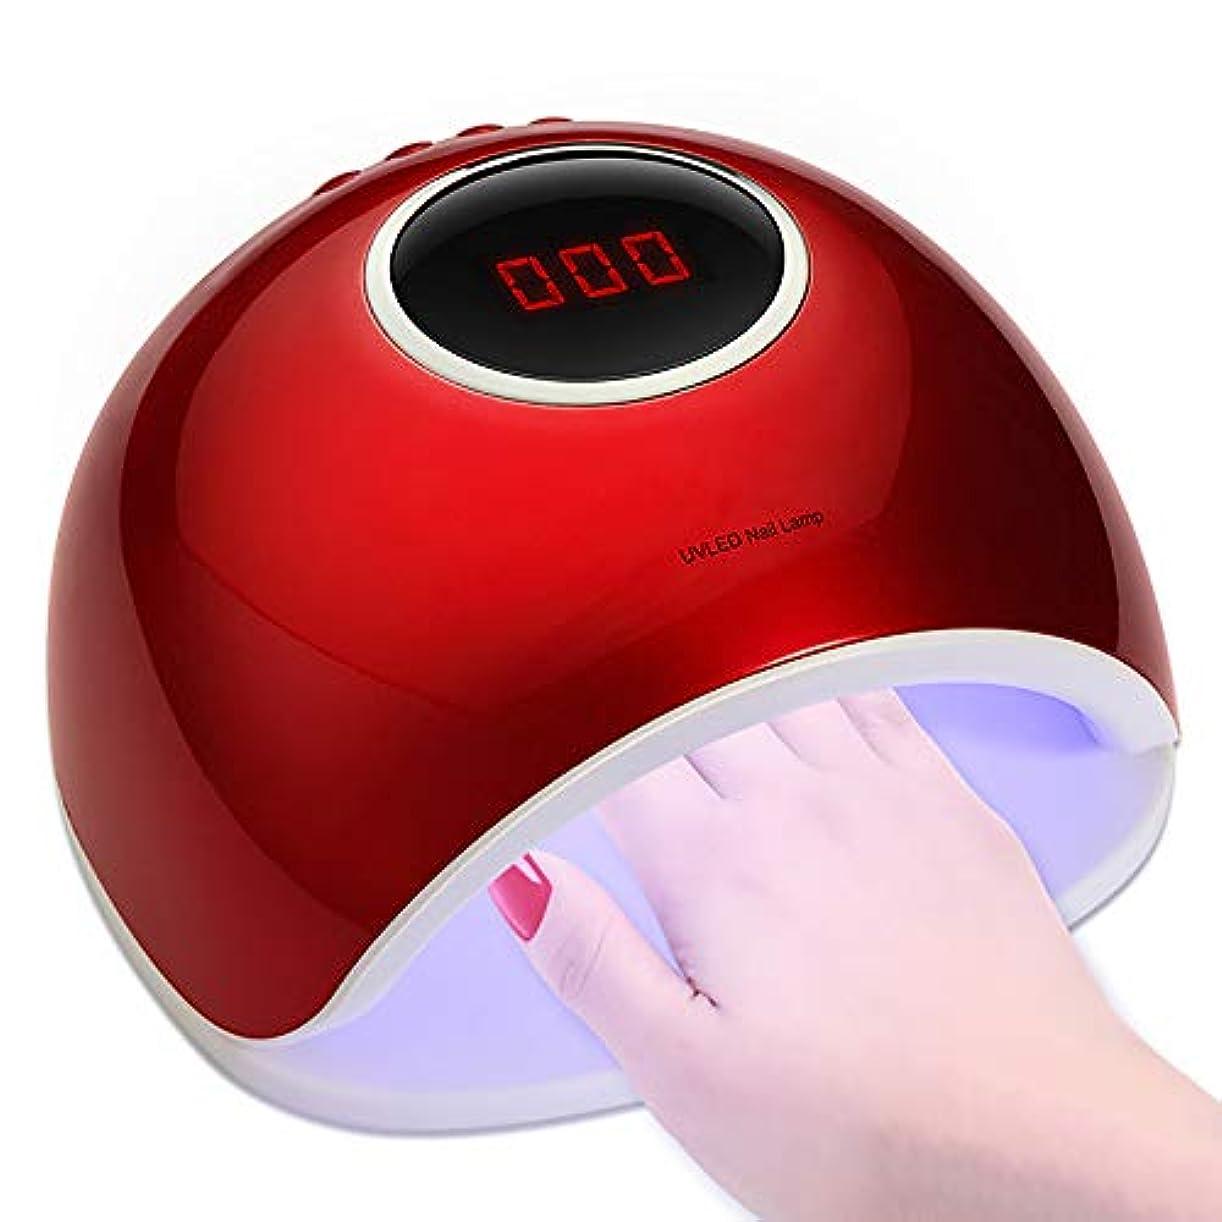 Led ネイルランプ、72W は女の子の女性のギフトのための自動センサースマート温度制御とすべてのゲルポリッシュ用マニキュアのためのネイルライトドライヤーを導いた,Red